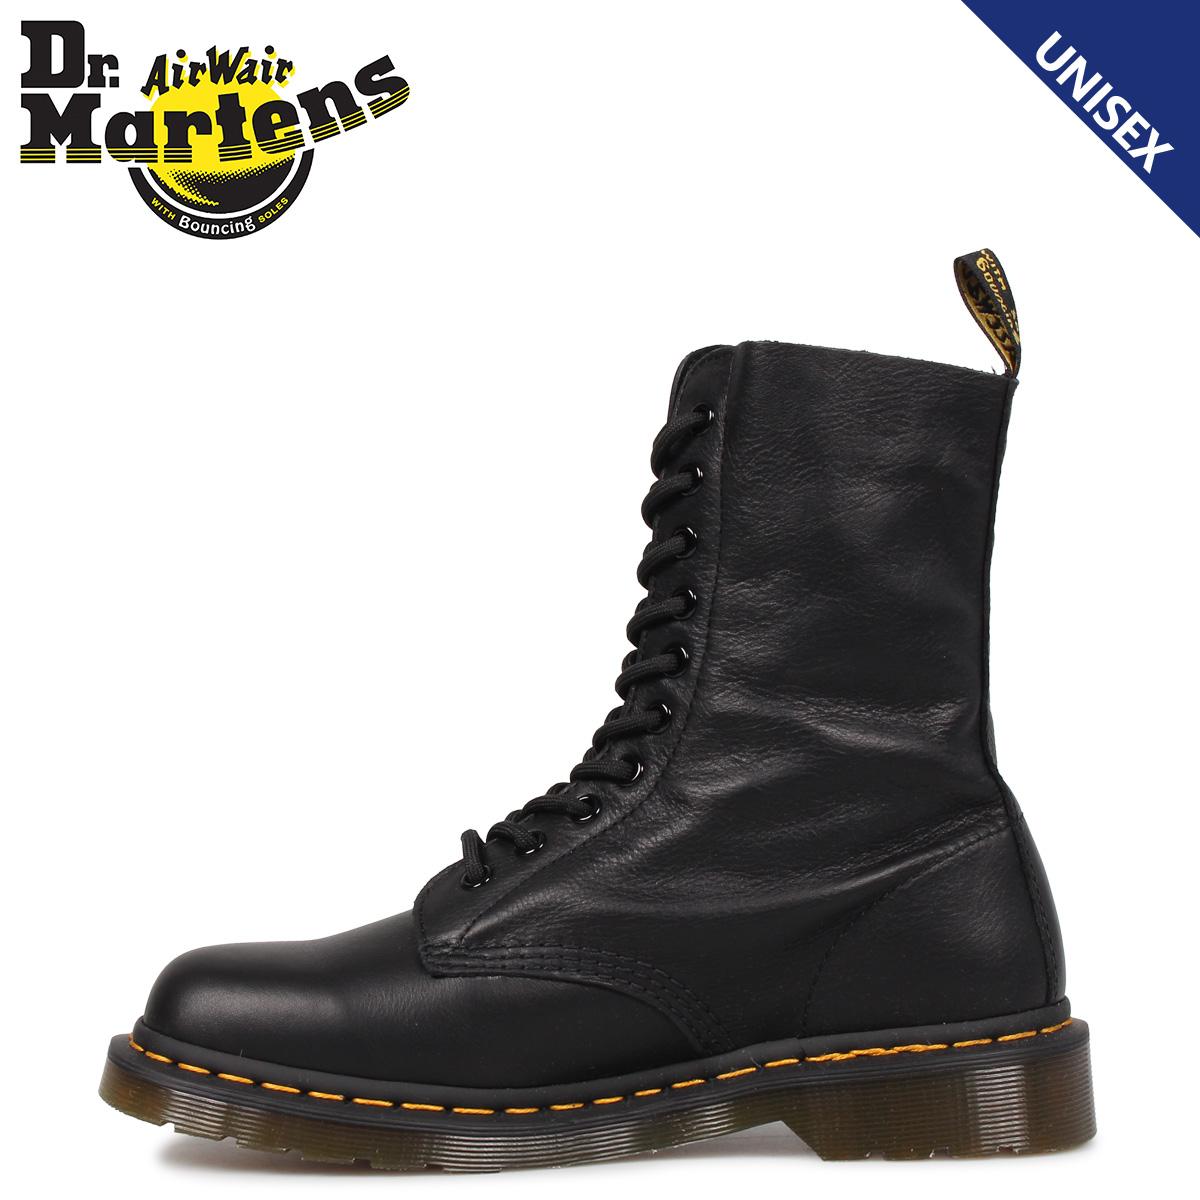 Dr.Martens ドクターマーチン 10ホール 1490 W ブーツ メンズ レディース 10EYE BOOT ブラック 黒 R22524001